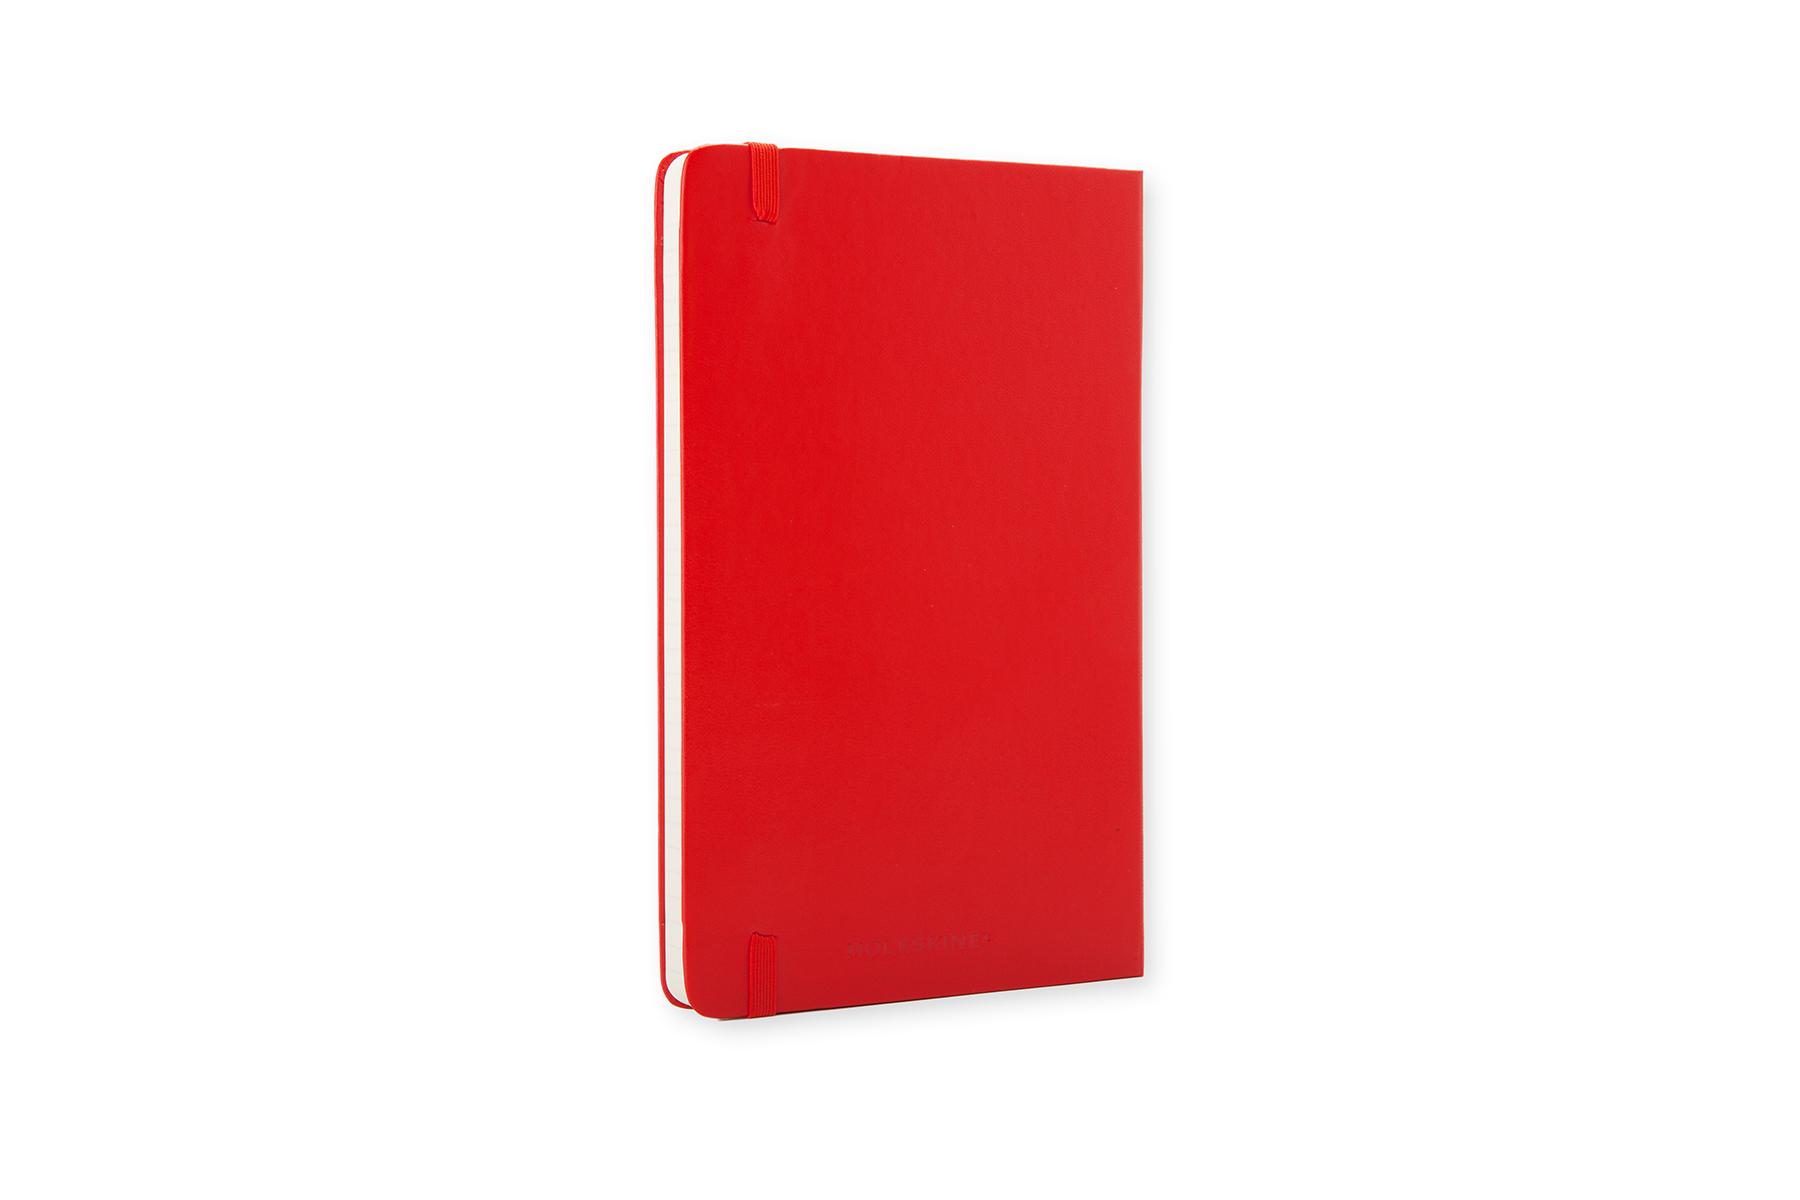 Onwijs Moleskine Notebook Large Gelijnd 13x21cm Rood - Papierwaren | AVA.be AV-28